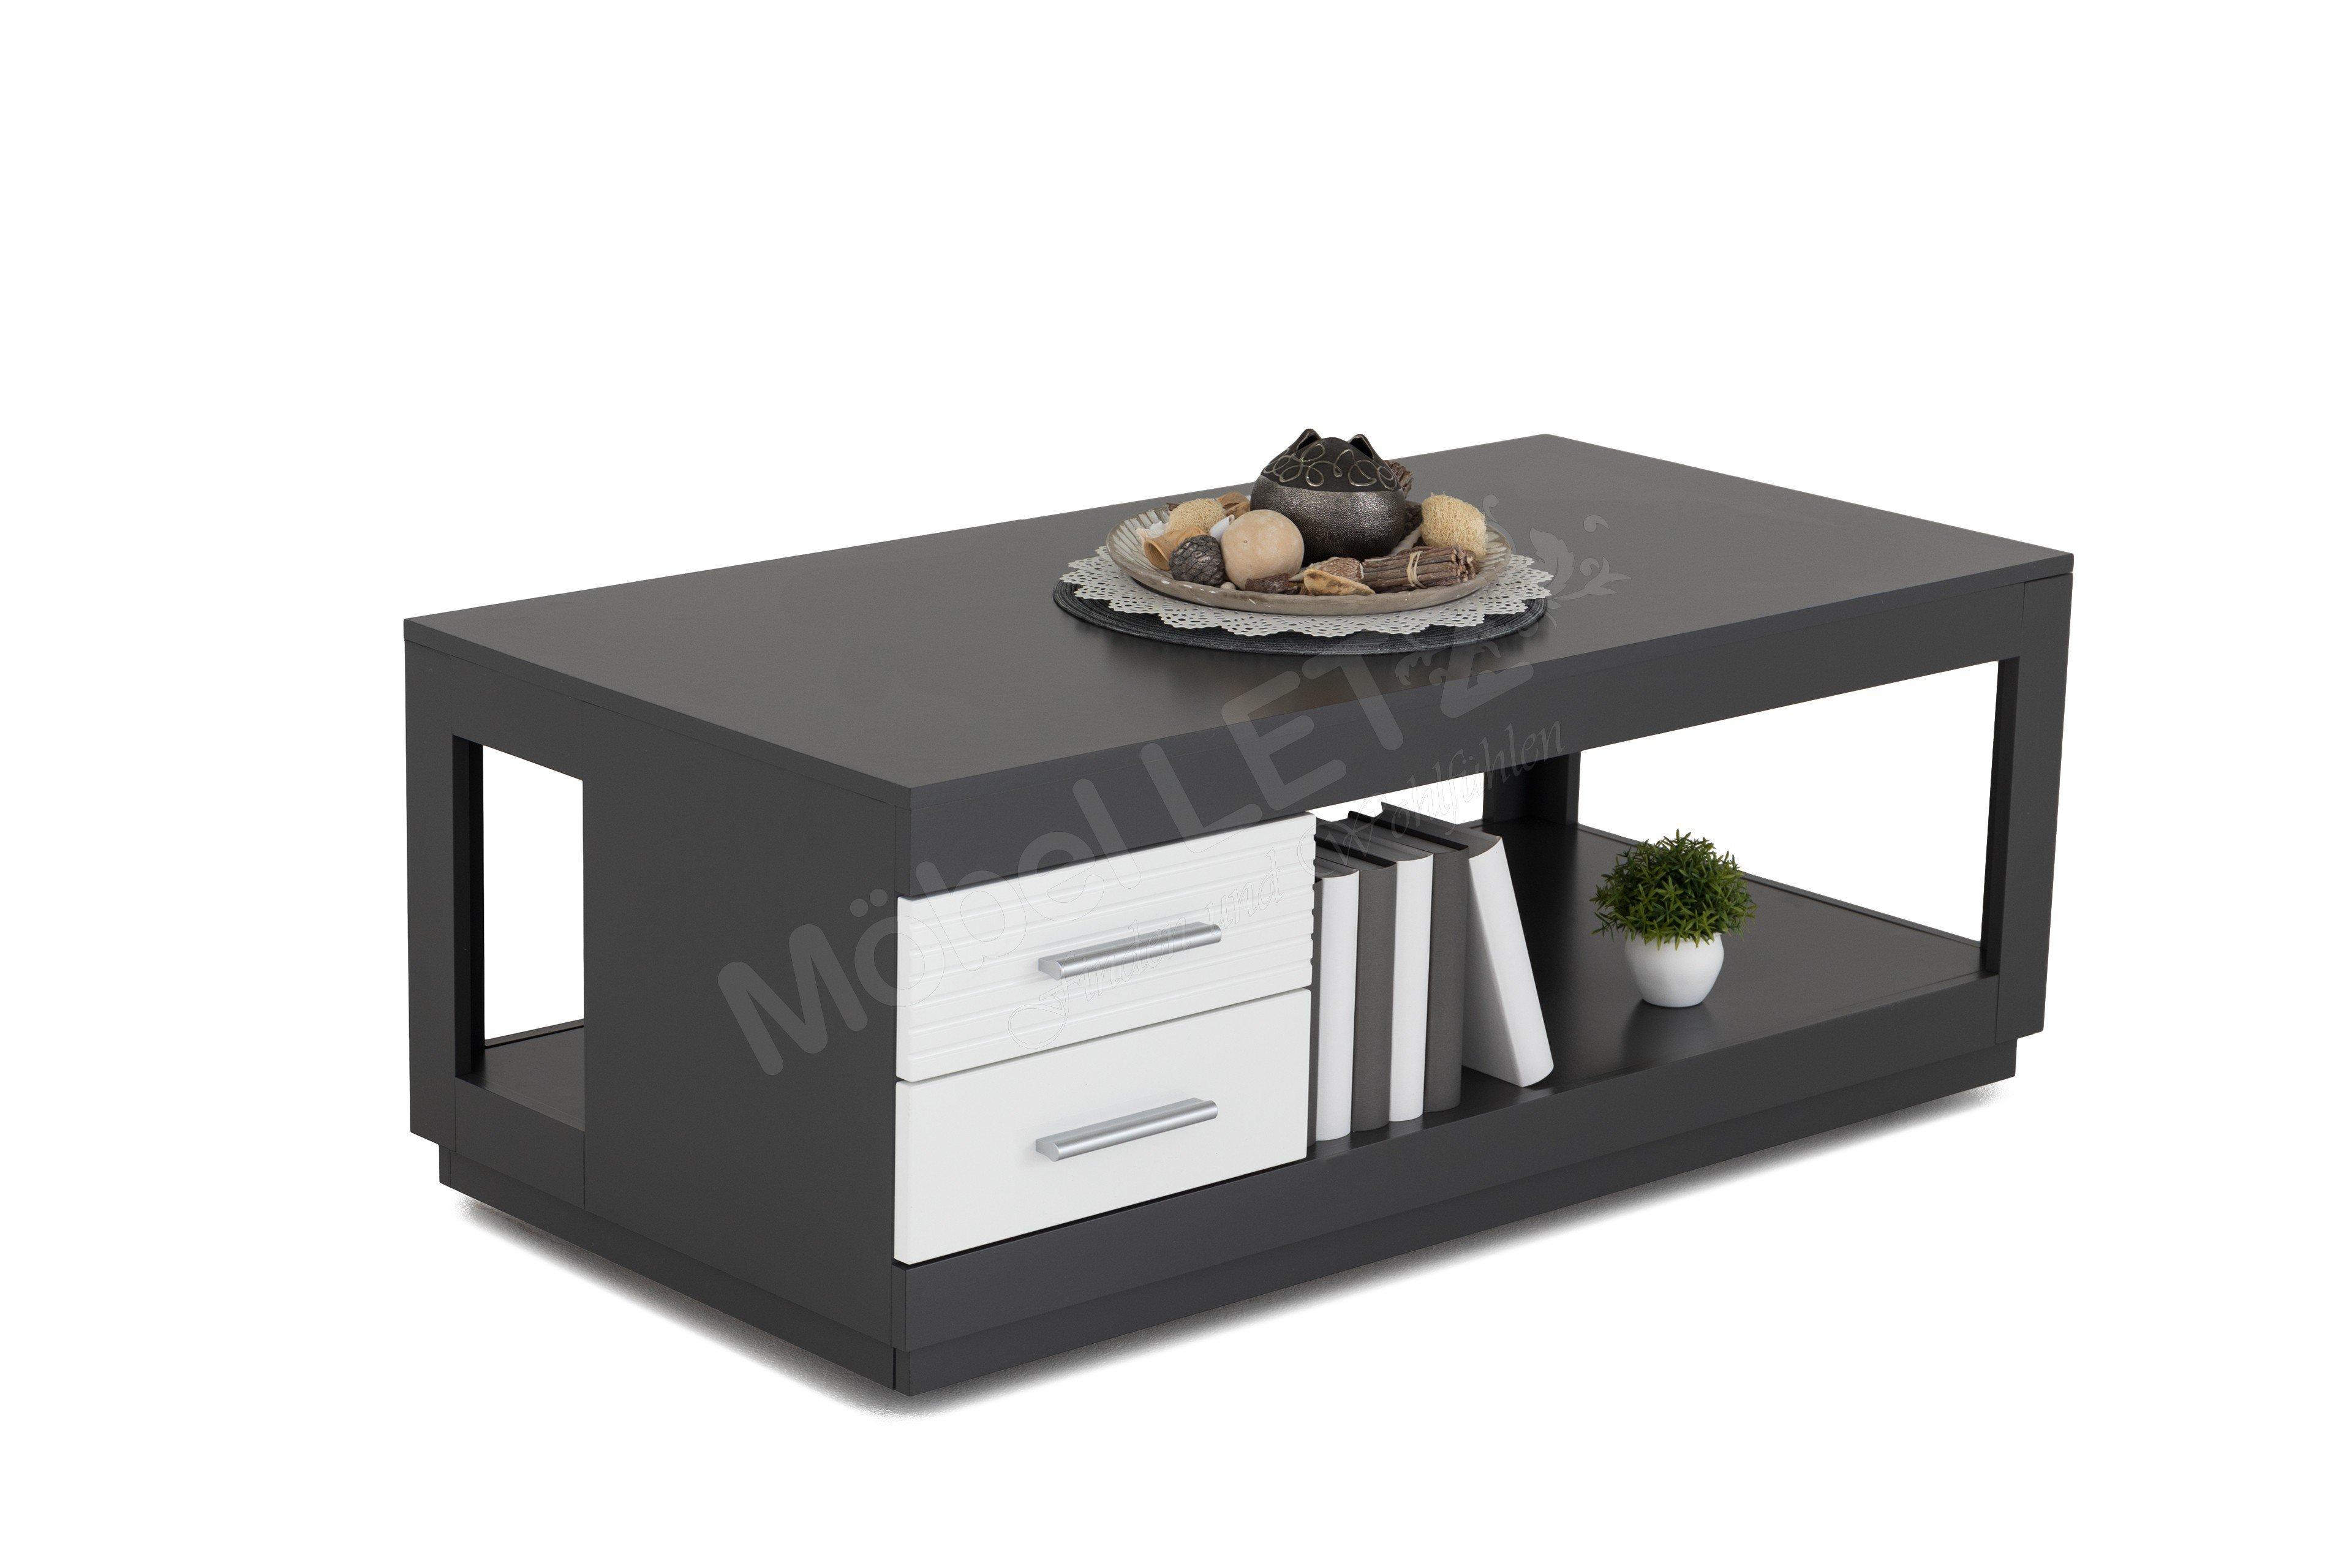 stolkom couchtisch kolibri 83 450 d5 m bel letz ihr online shop. Black Bedroom Furniture Sets. Home Design Ideas